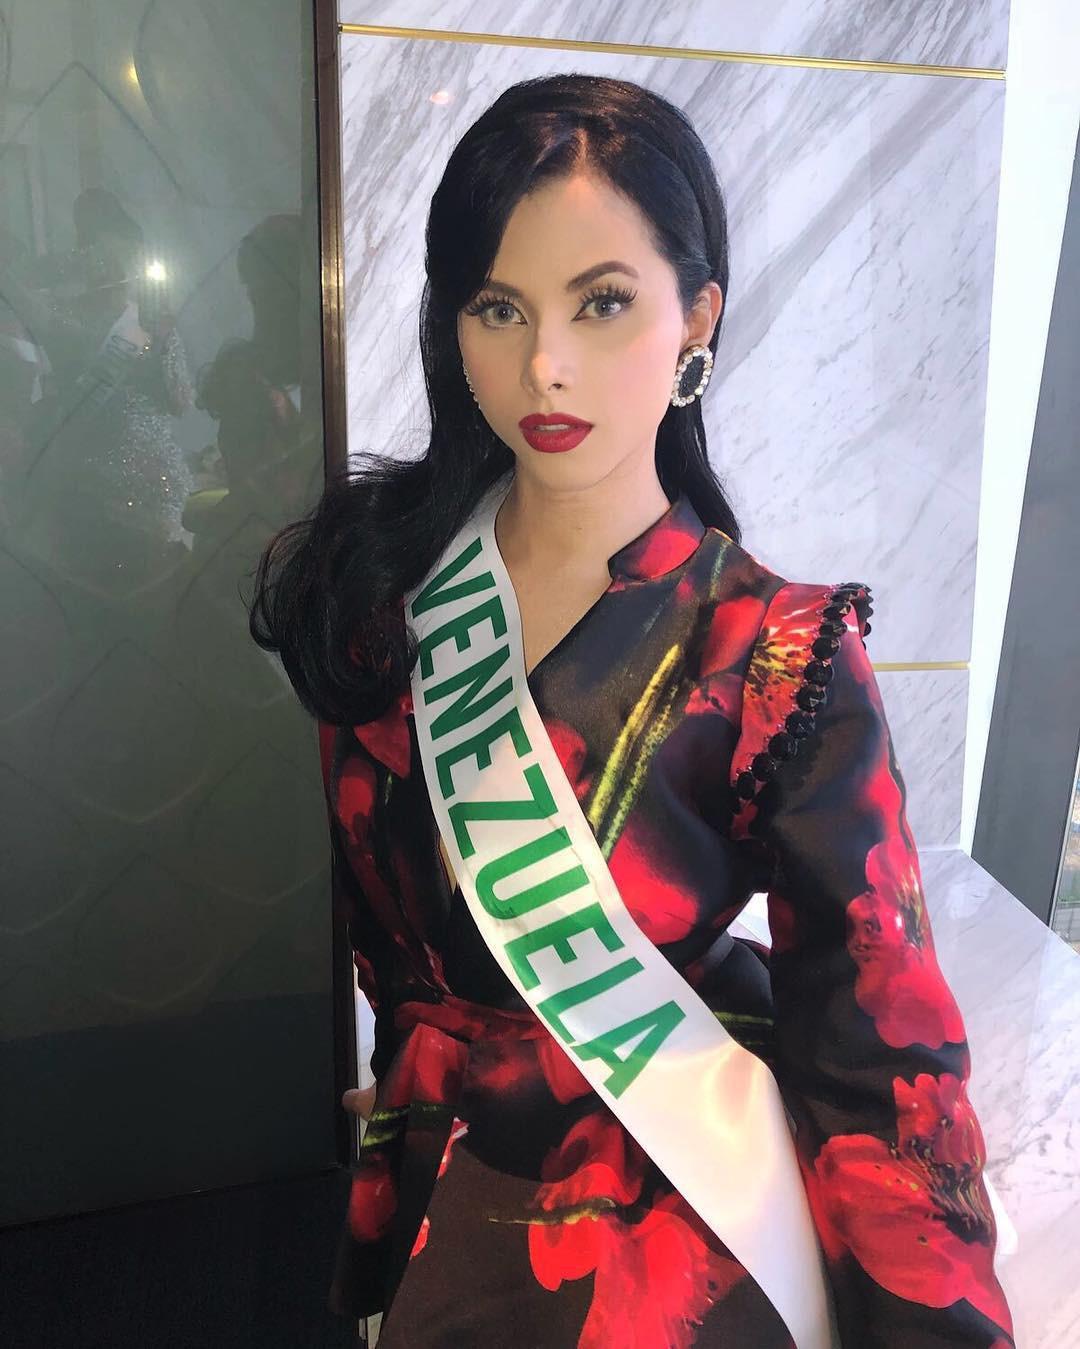 Hoa hậu chuyển giới 2018: Đại diện Venezuela vừa thắng giải đầm dạ hội đẹp nhất đã vướng nghi án nhái đầm Lọ Lem trứ danh của Hoa hậu thế giới - Ảnh 2.